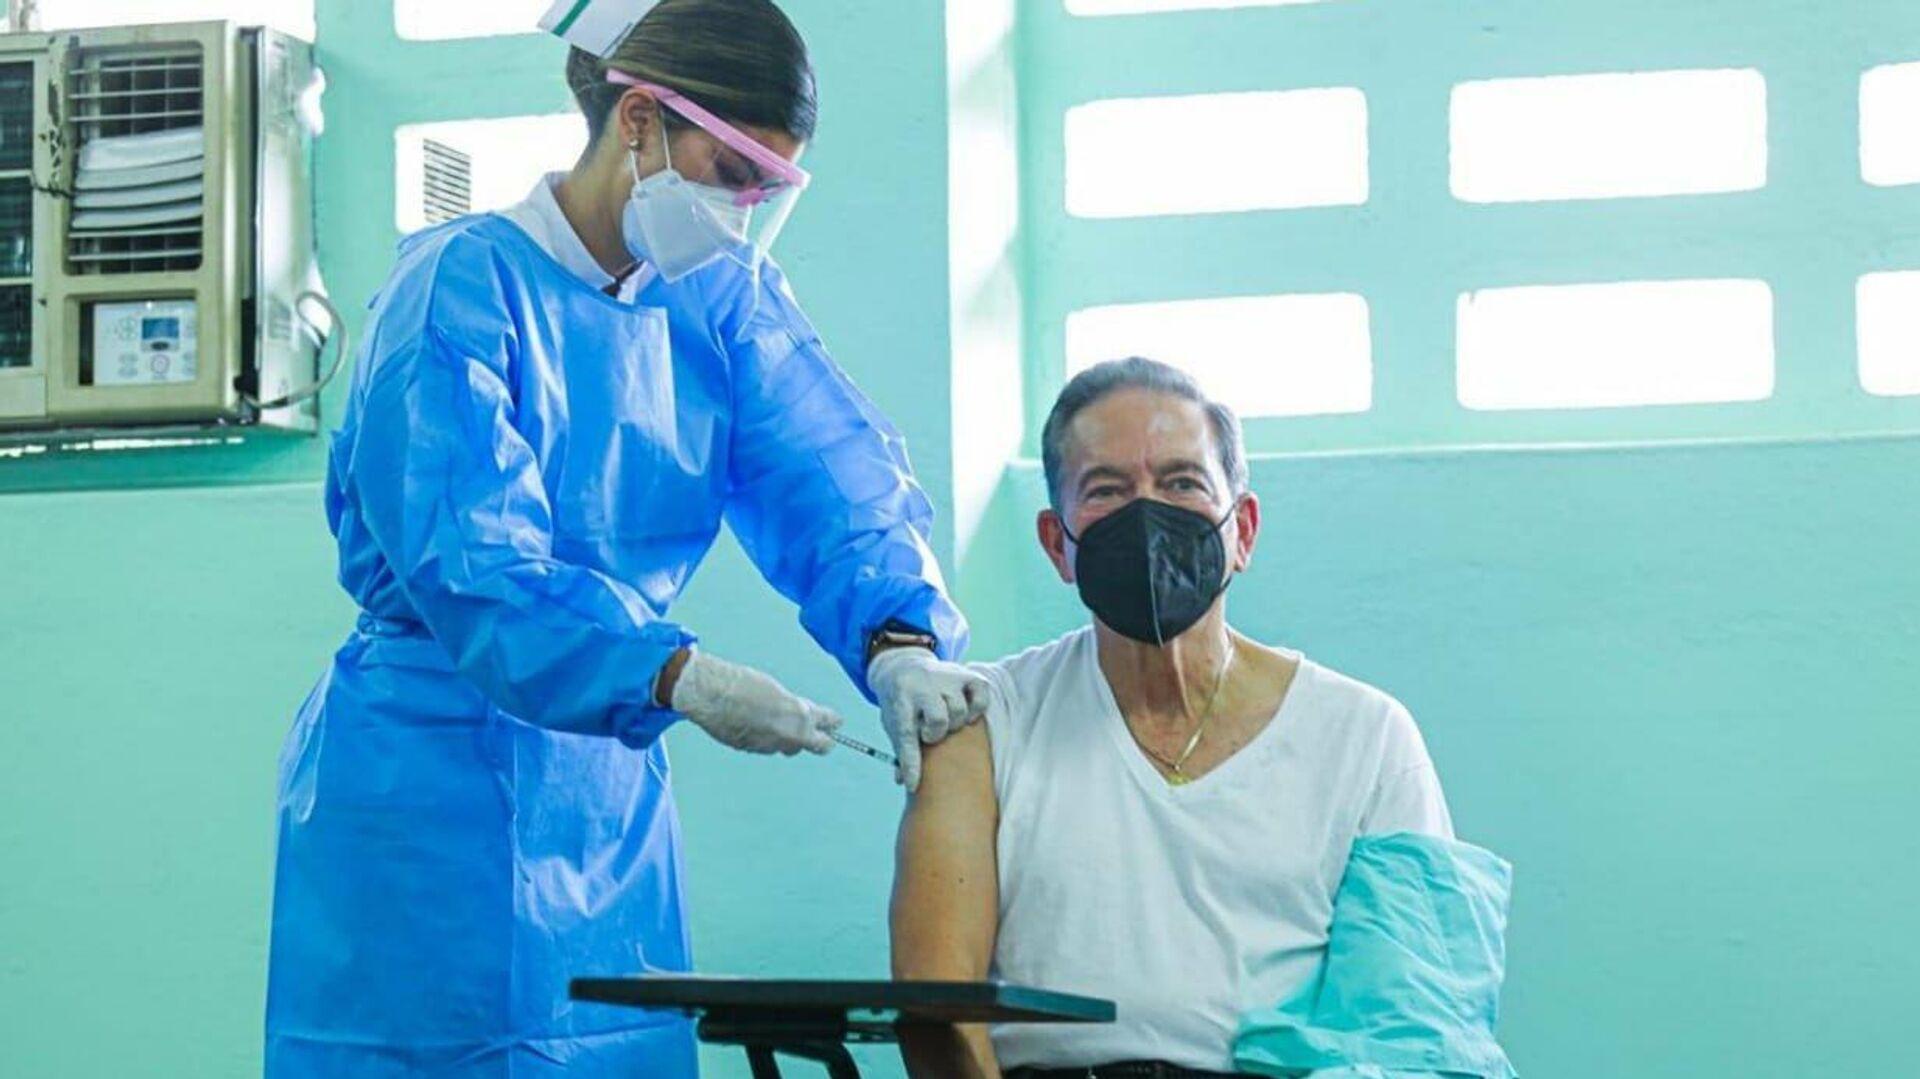 Laurentino 'Nito' Cortizo, presidente de Panamá, recibiendo la vacuna contra COVID-19 - Sputnik Mundo, 1920, 16.09.2021